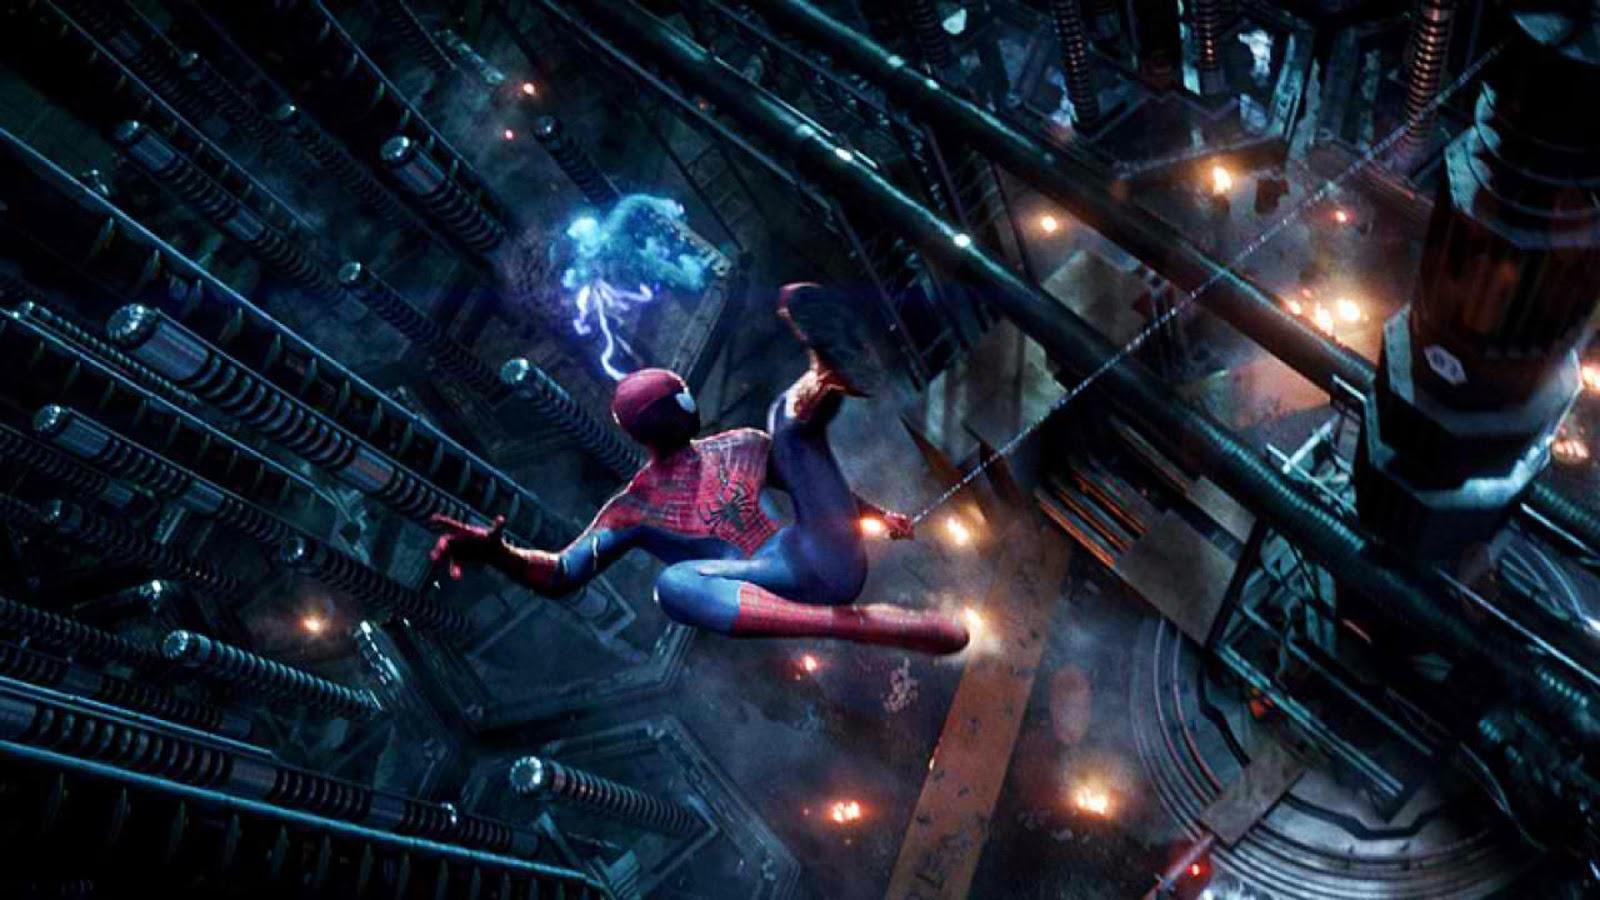 Taquilla USA: Spiderman 2 arrasa con casi 100M$